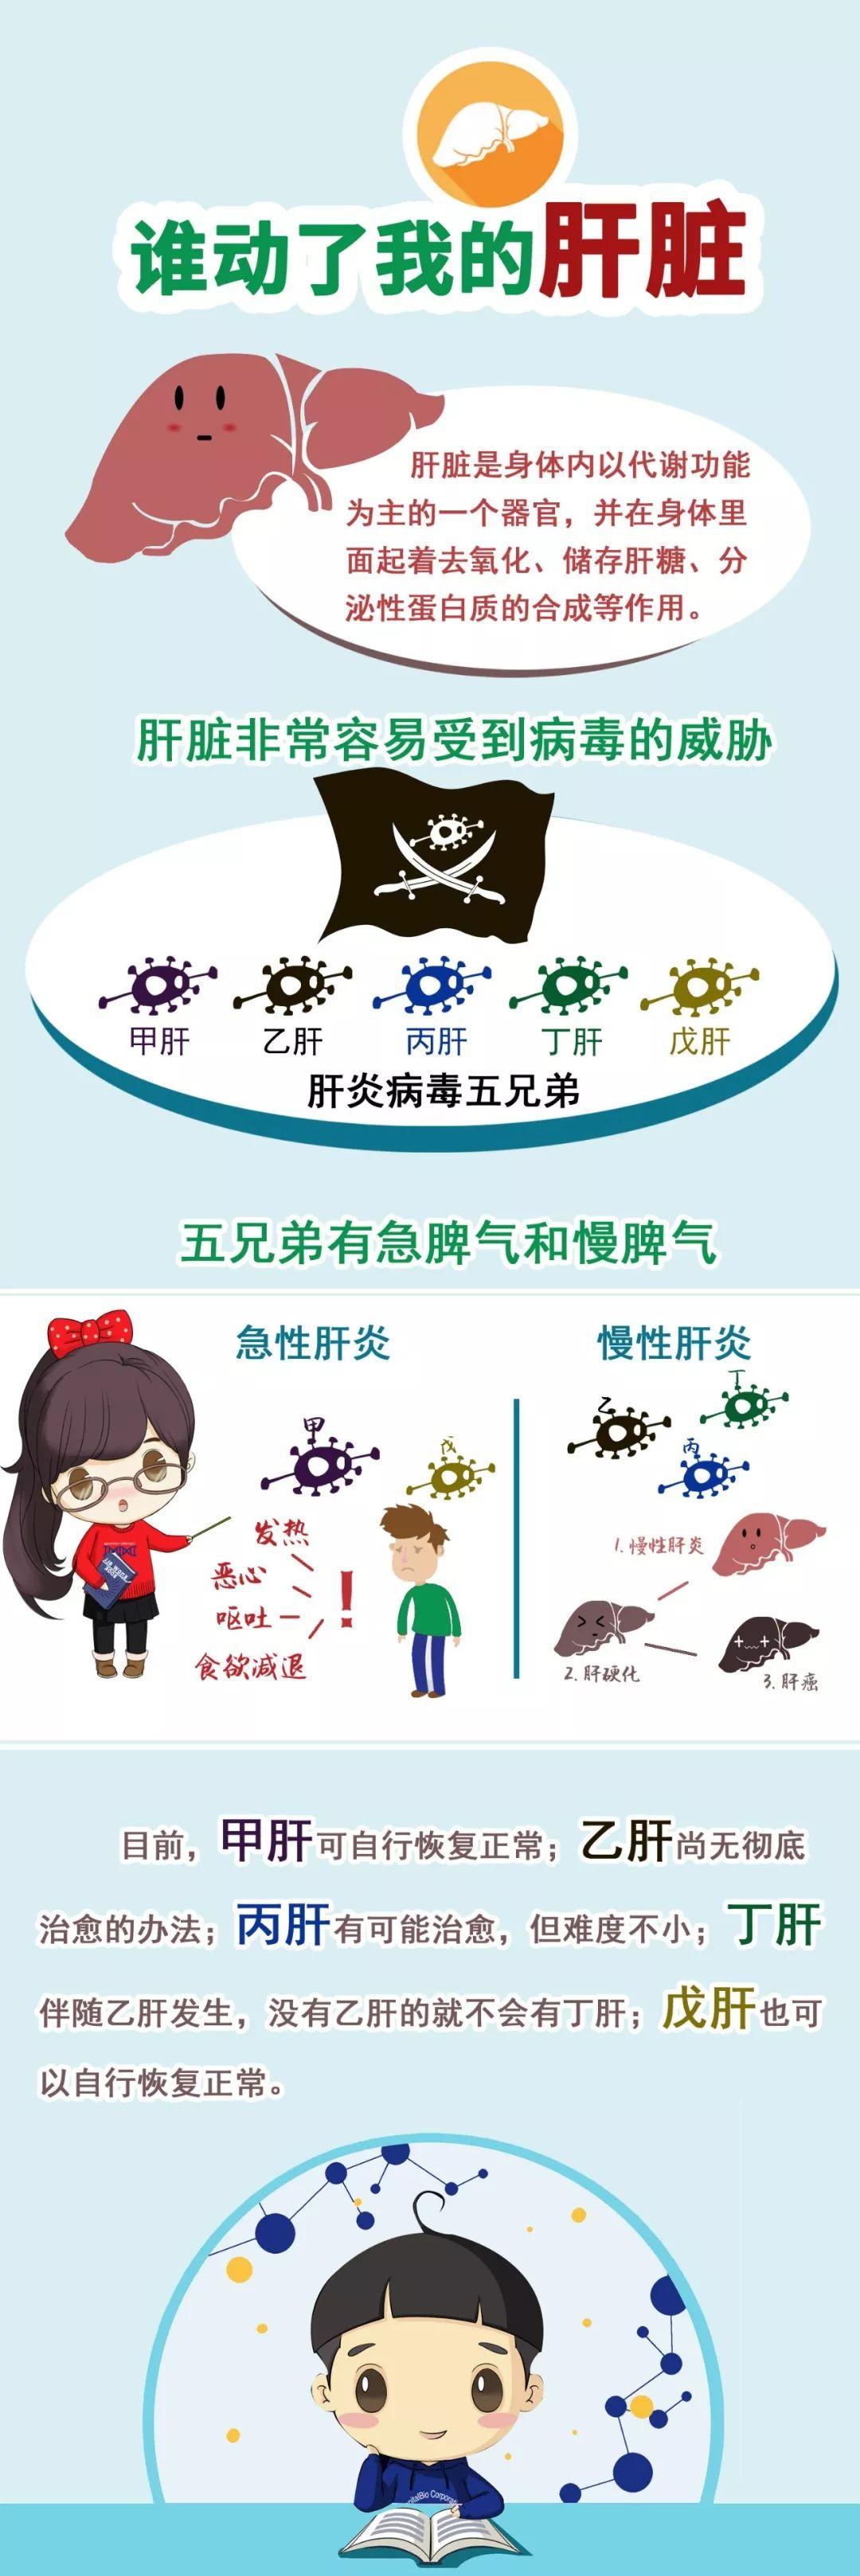 肝炎 b 型